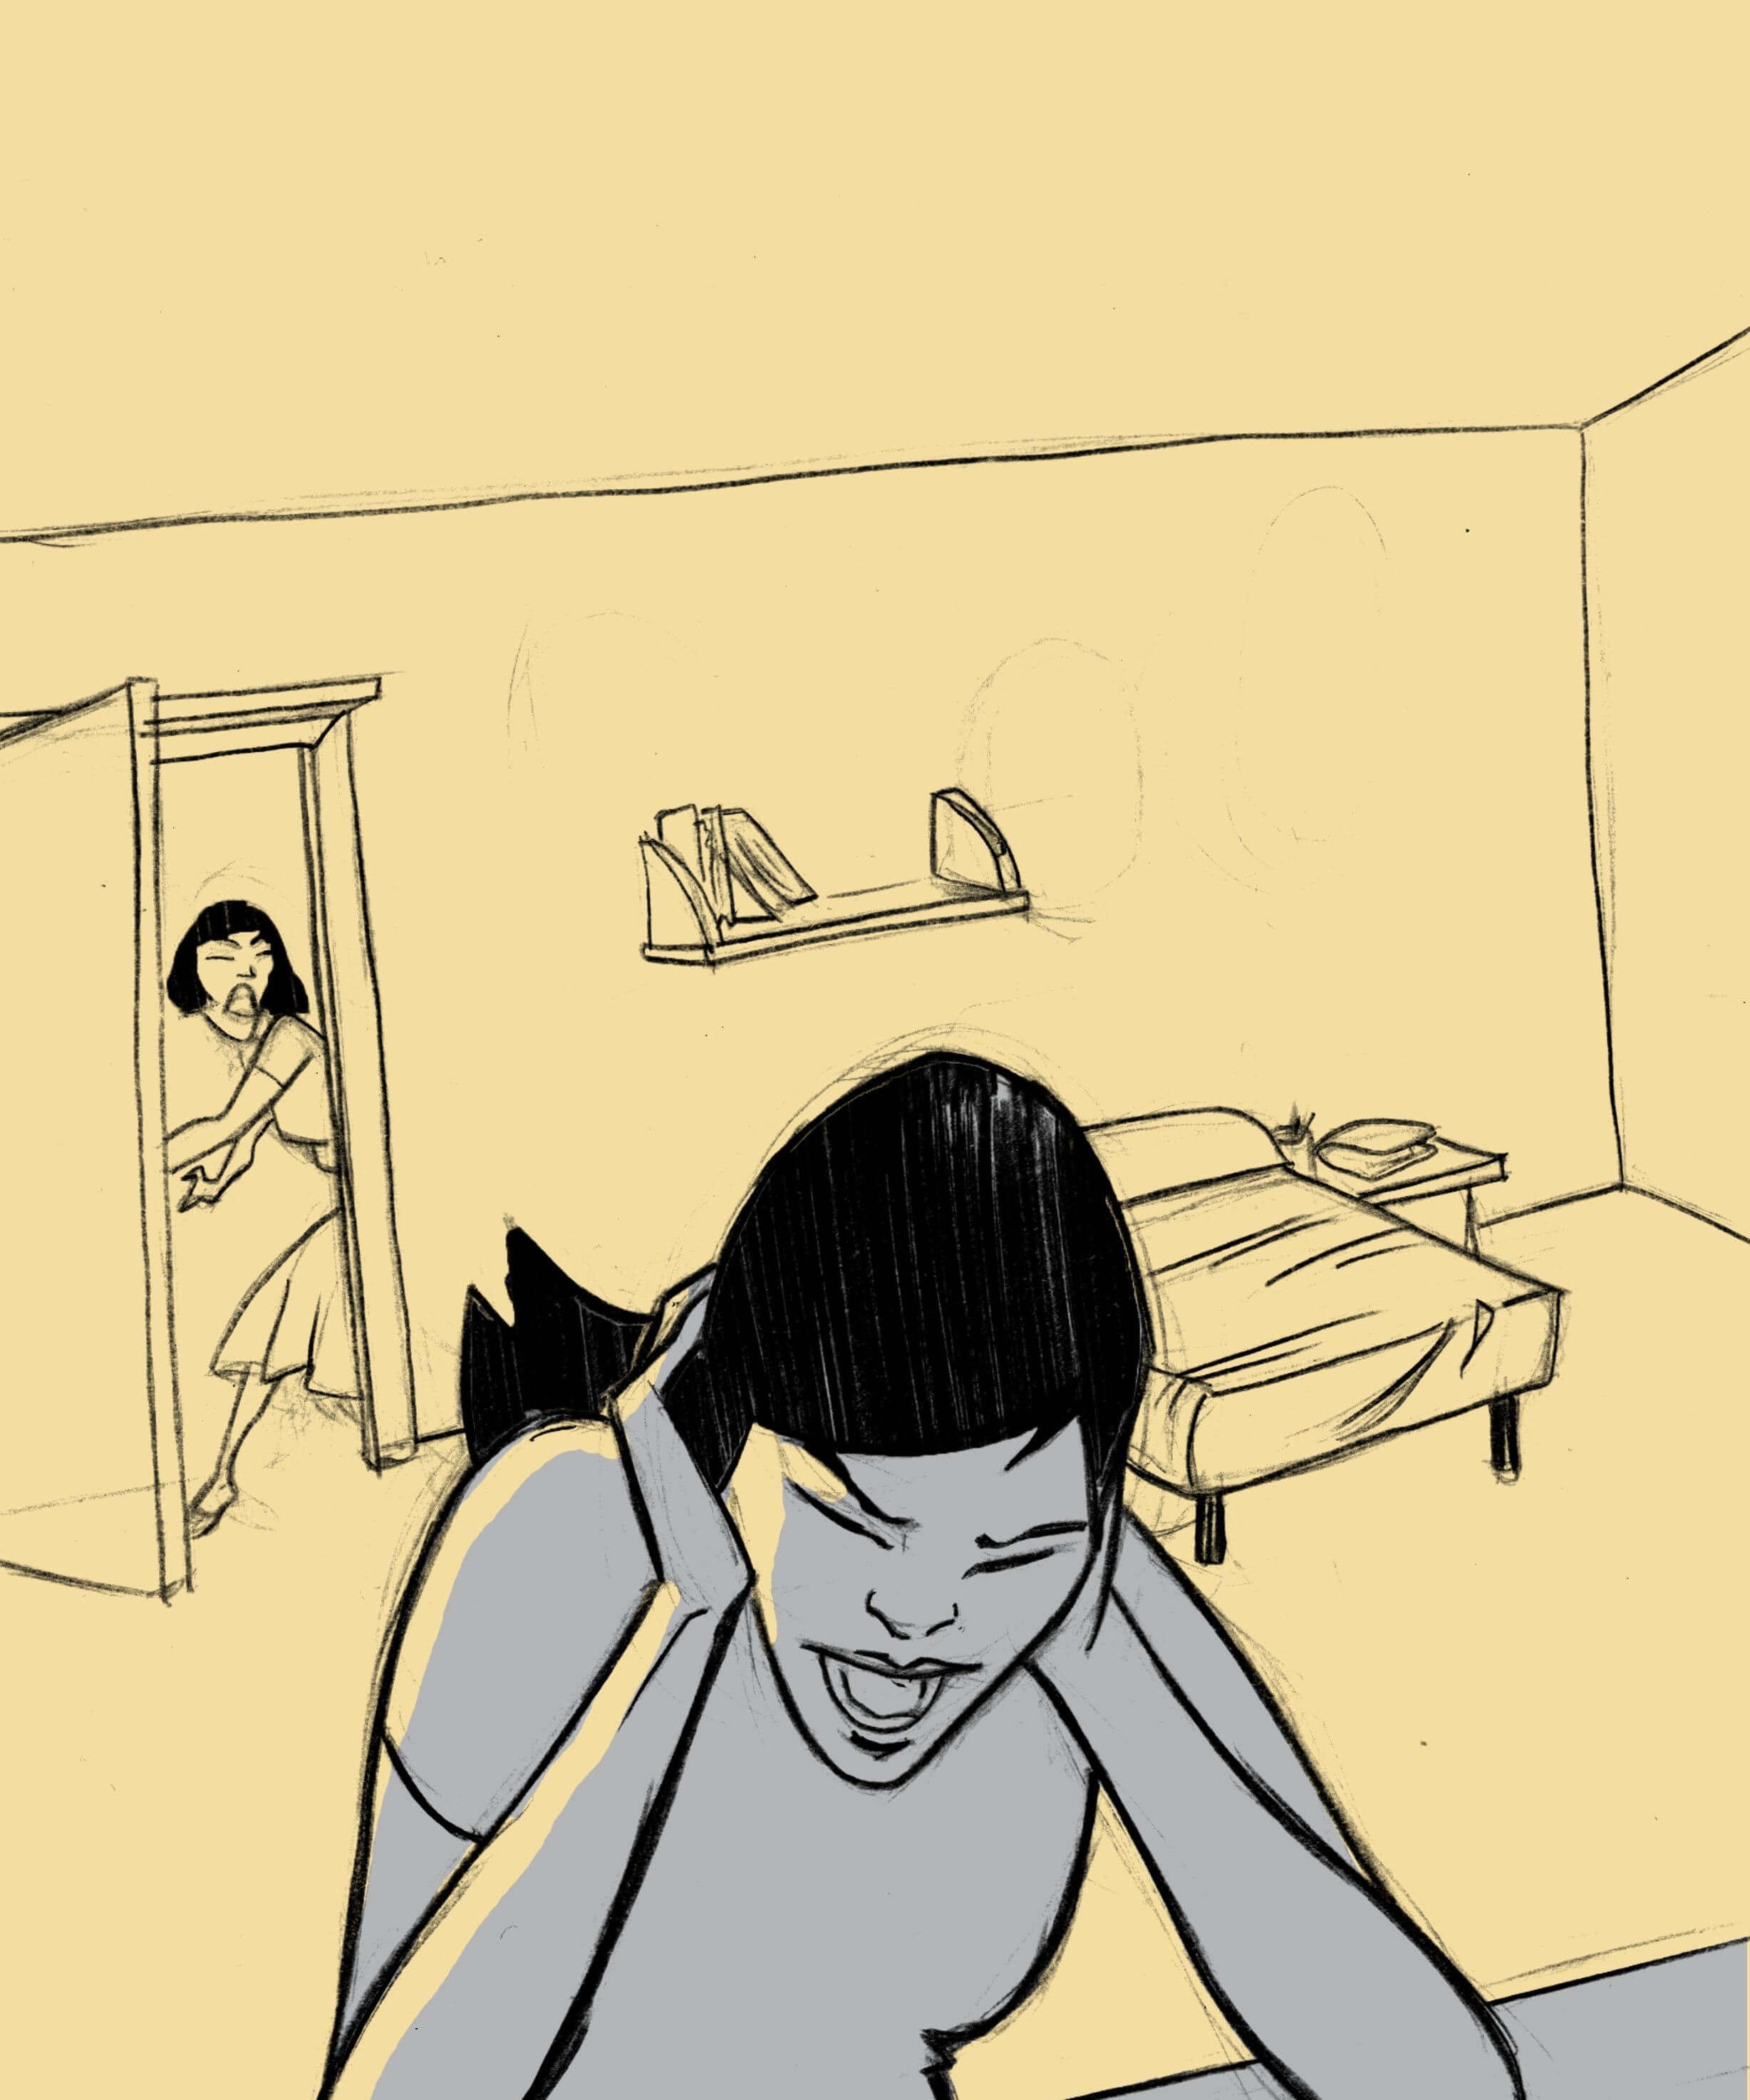 Le manque de défense appris, ou comment s'habituer à la maltraitance